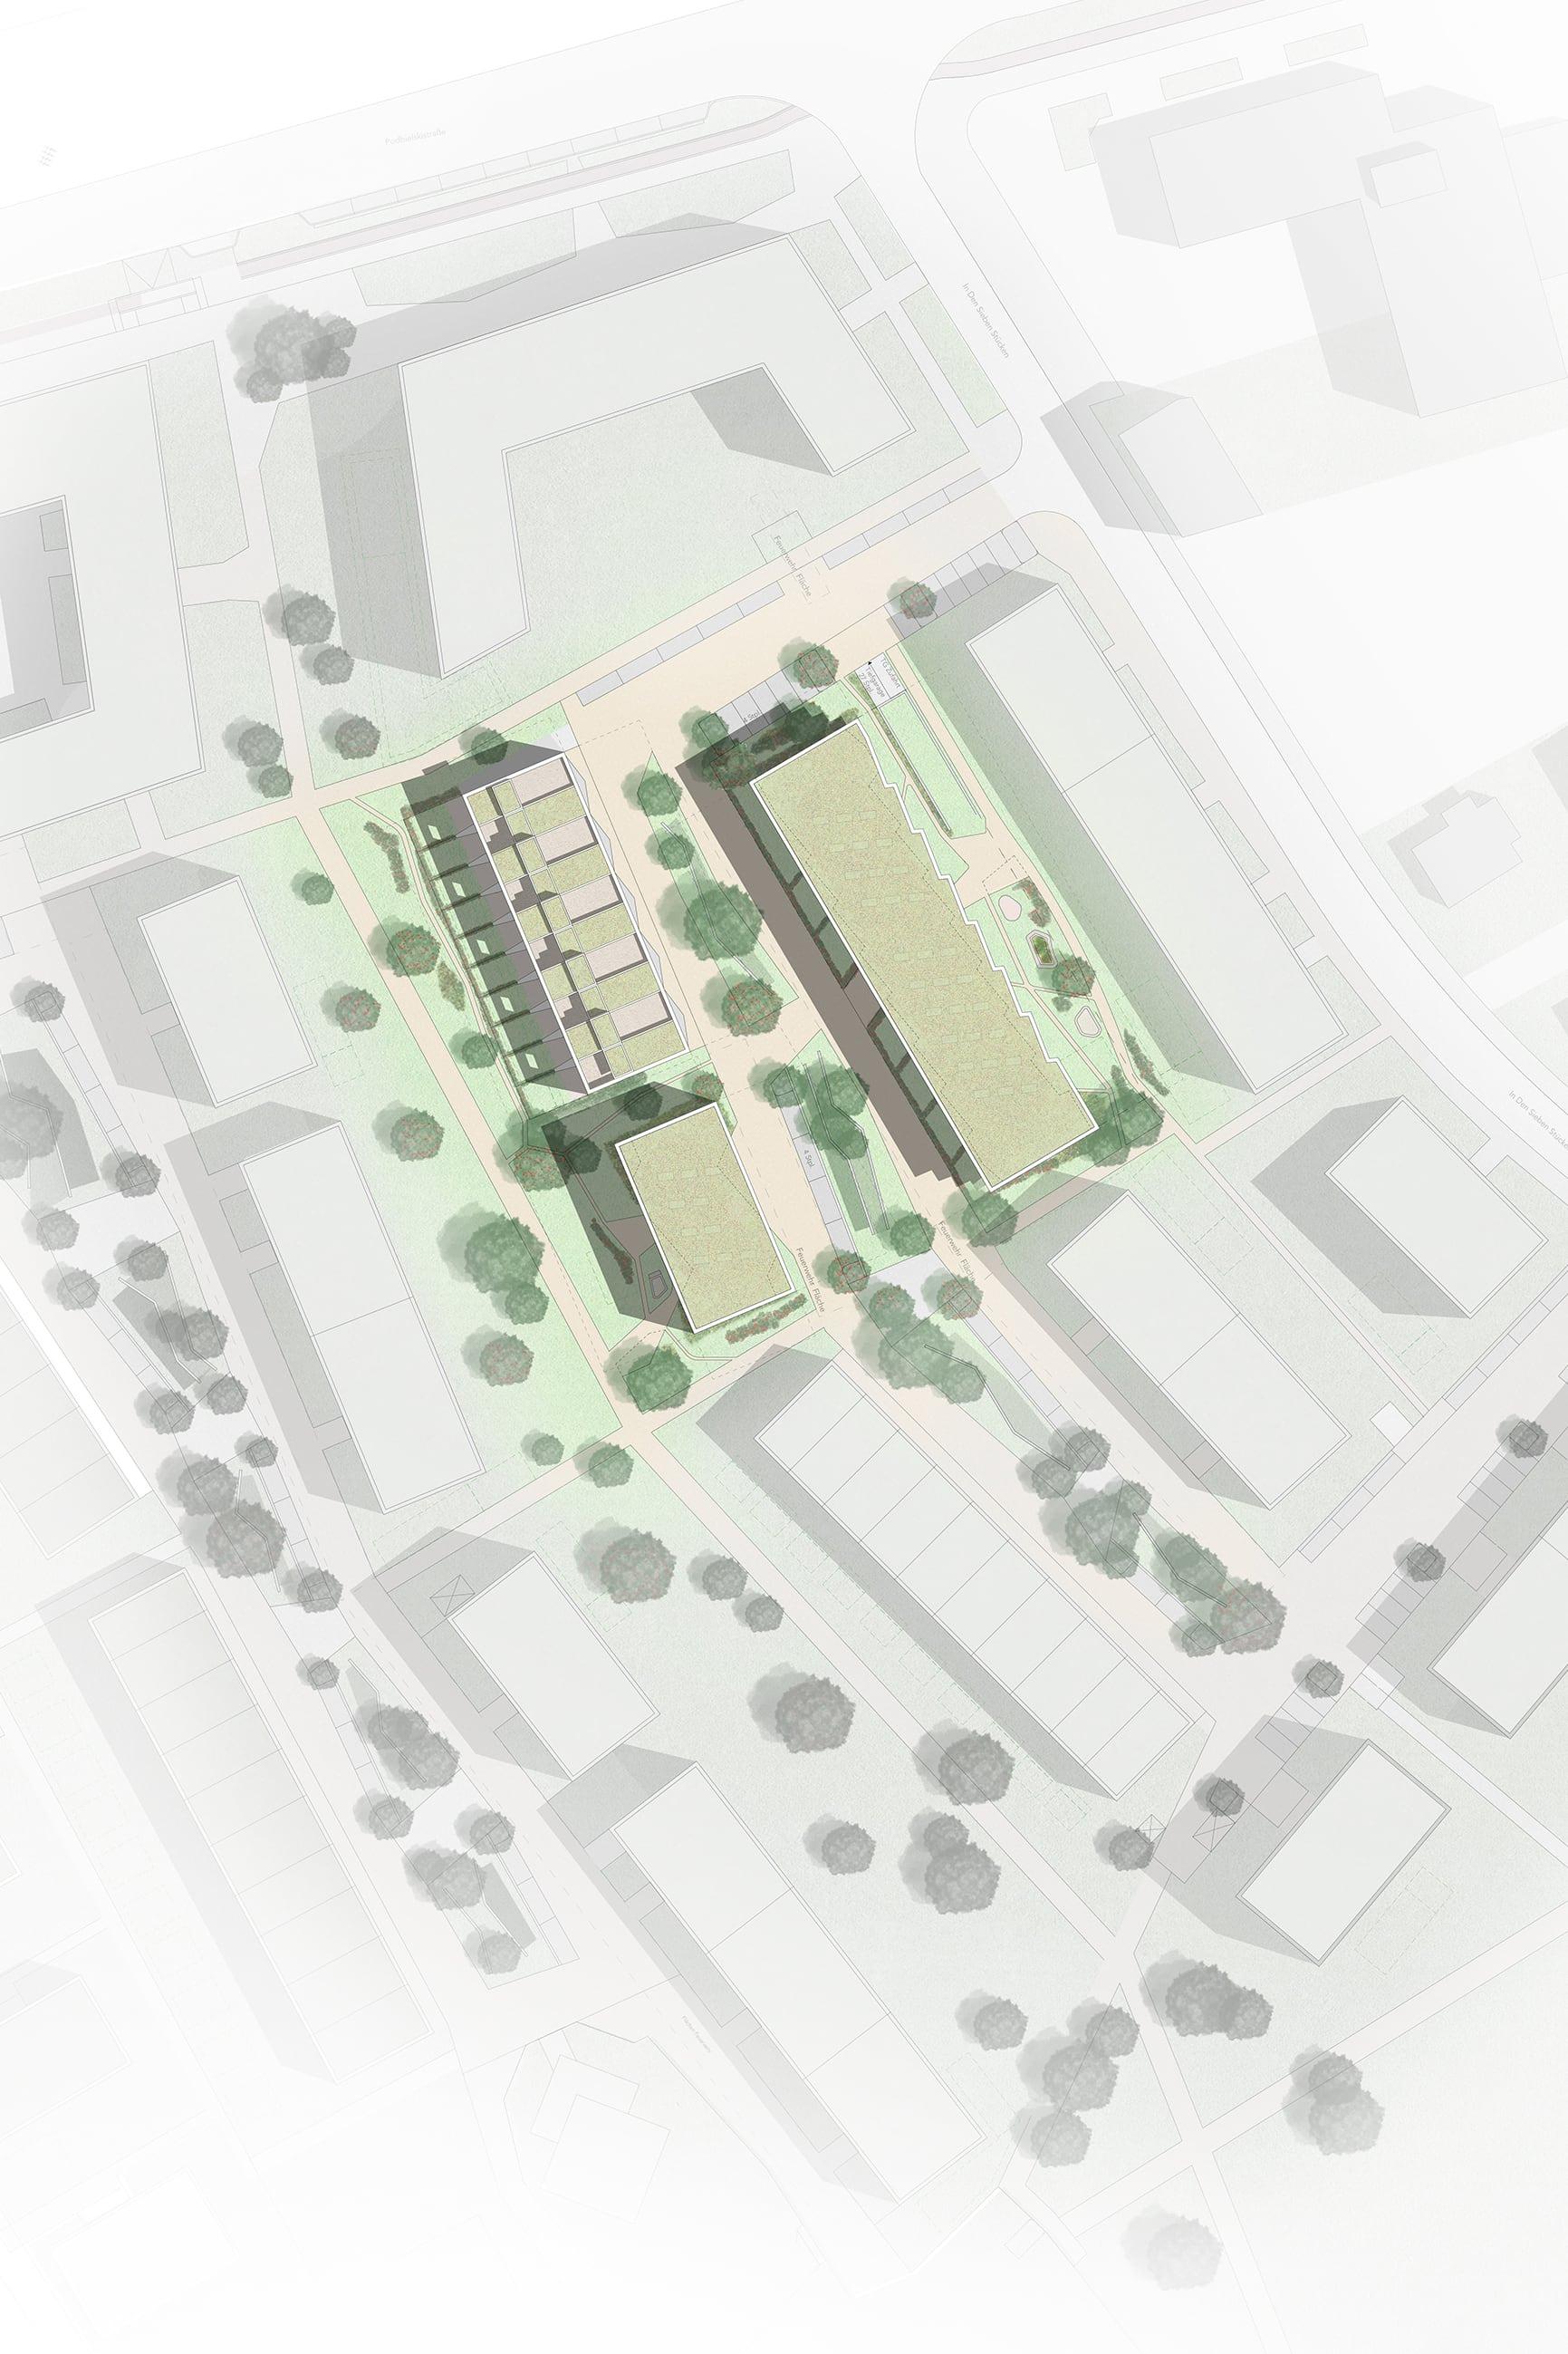 buchholzer-gruen-hannover-lageplan.jpg